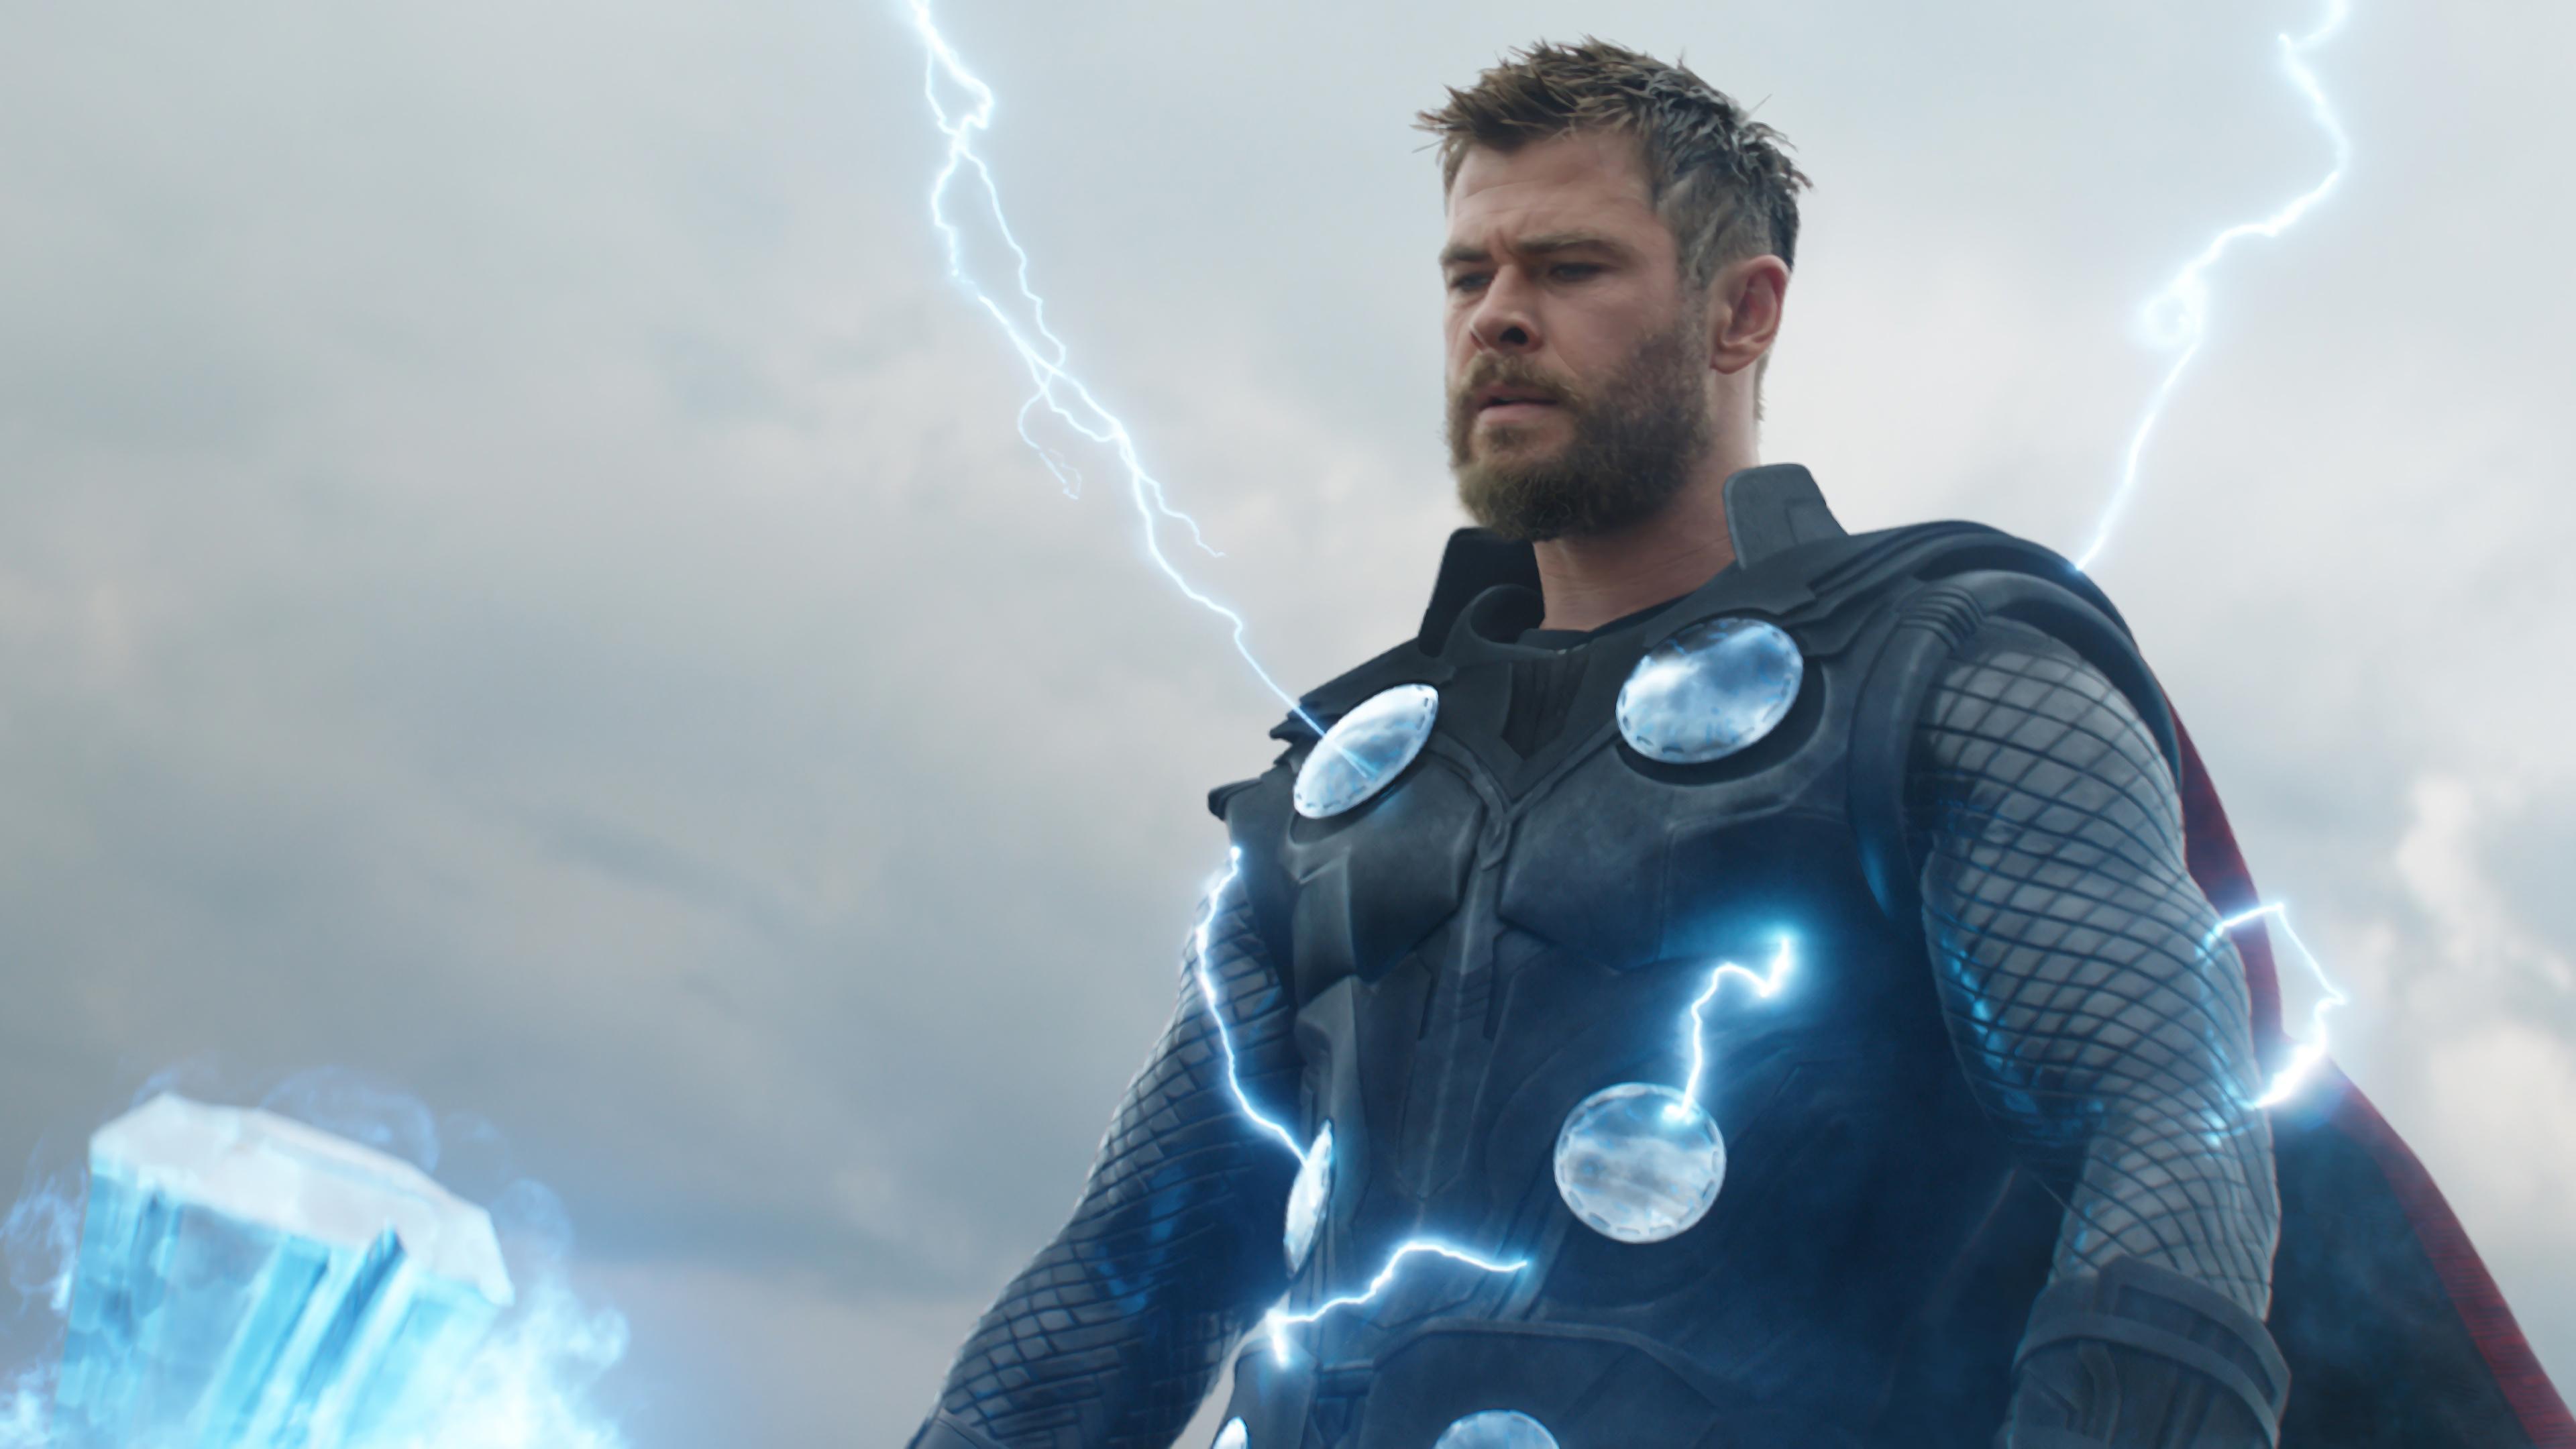 Avengers: Endgame, Thor, Lightning, 4K, #140 Wallpaper